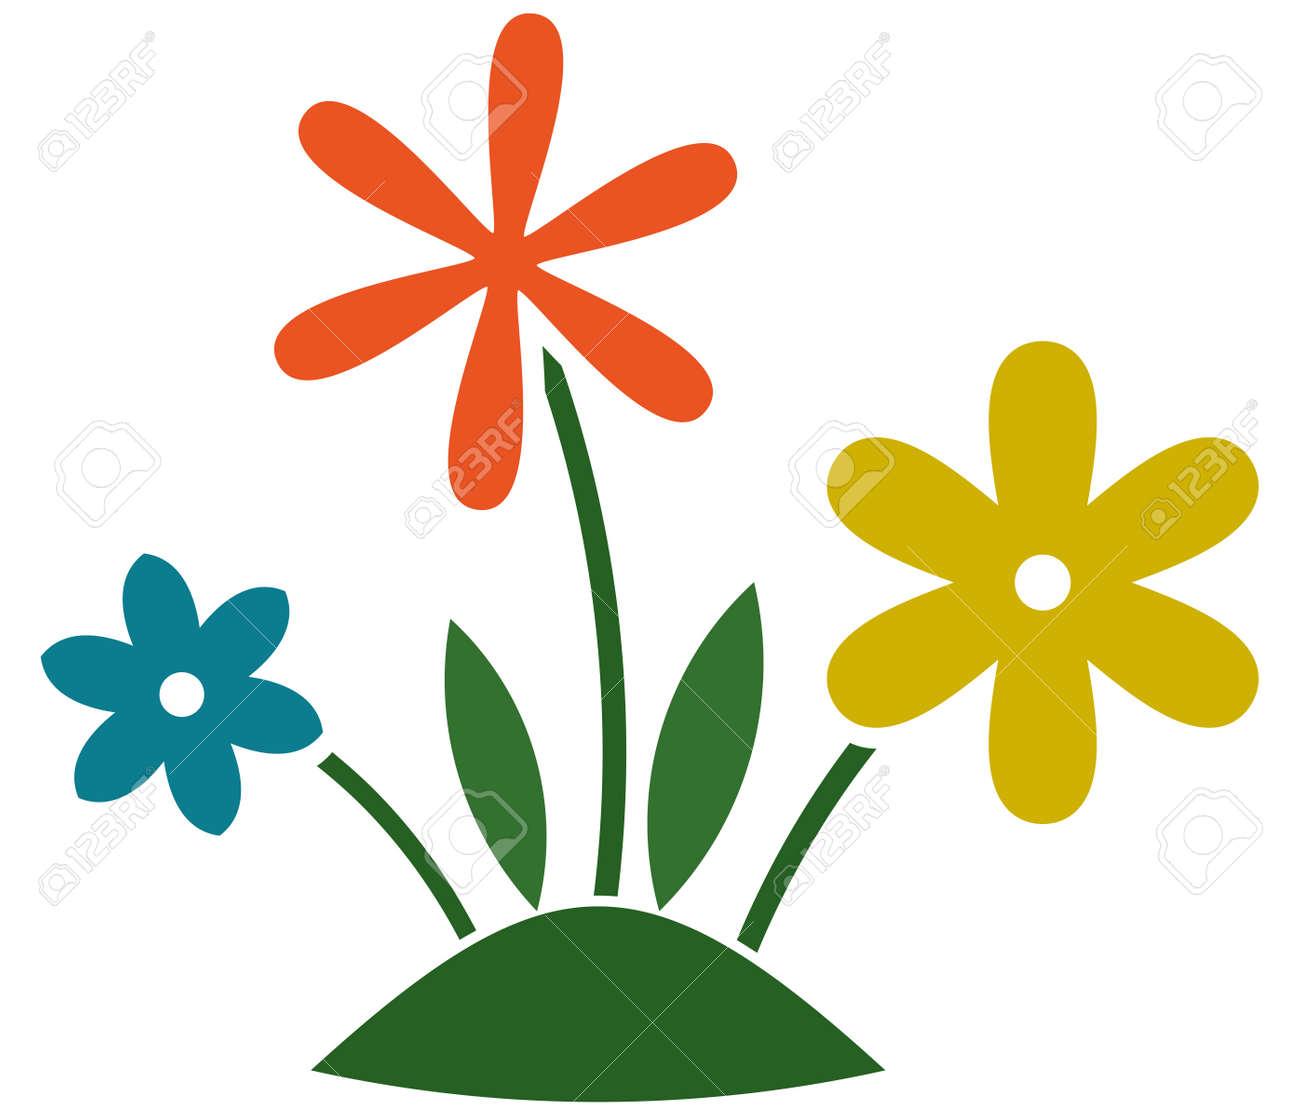 花草の芝生ガーデニング イラスト分離のイラスト素材ベクタ Image